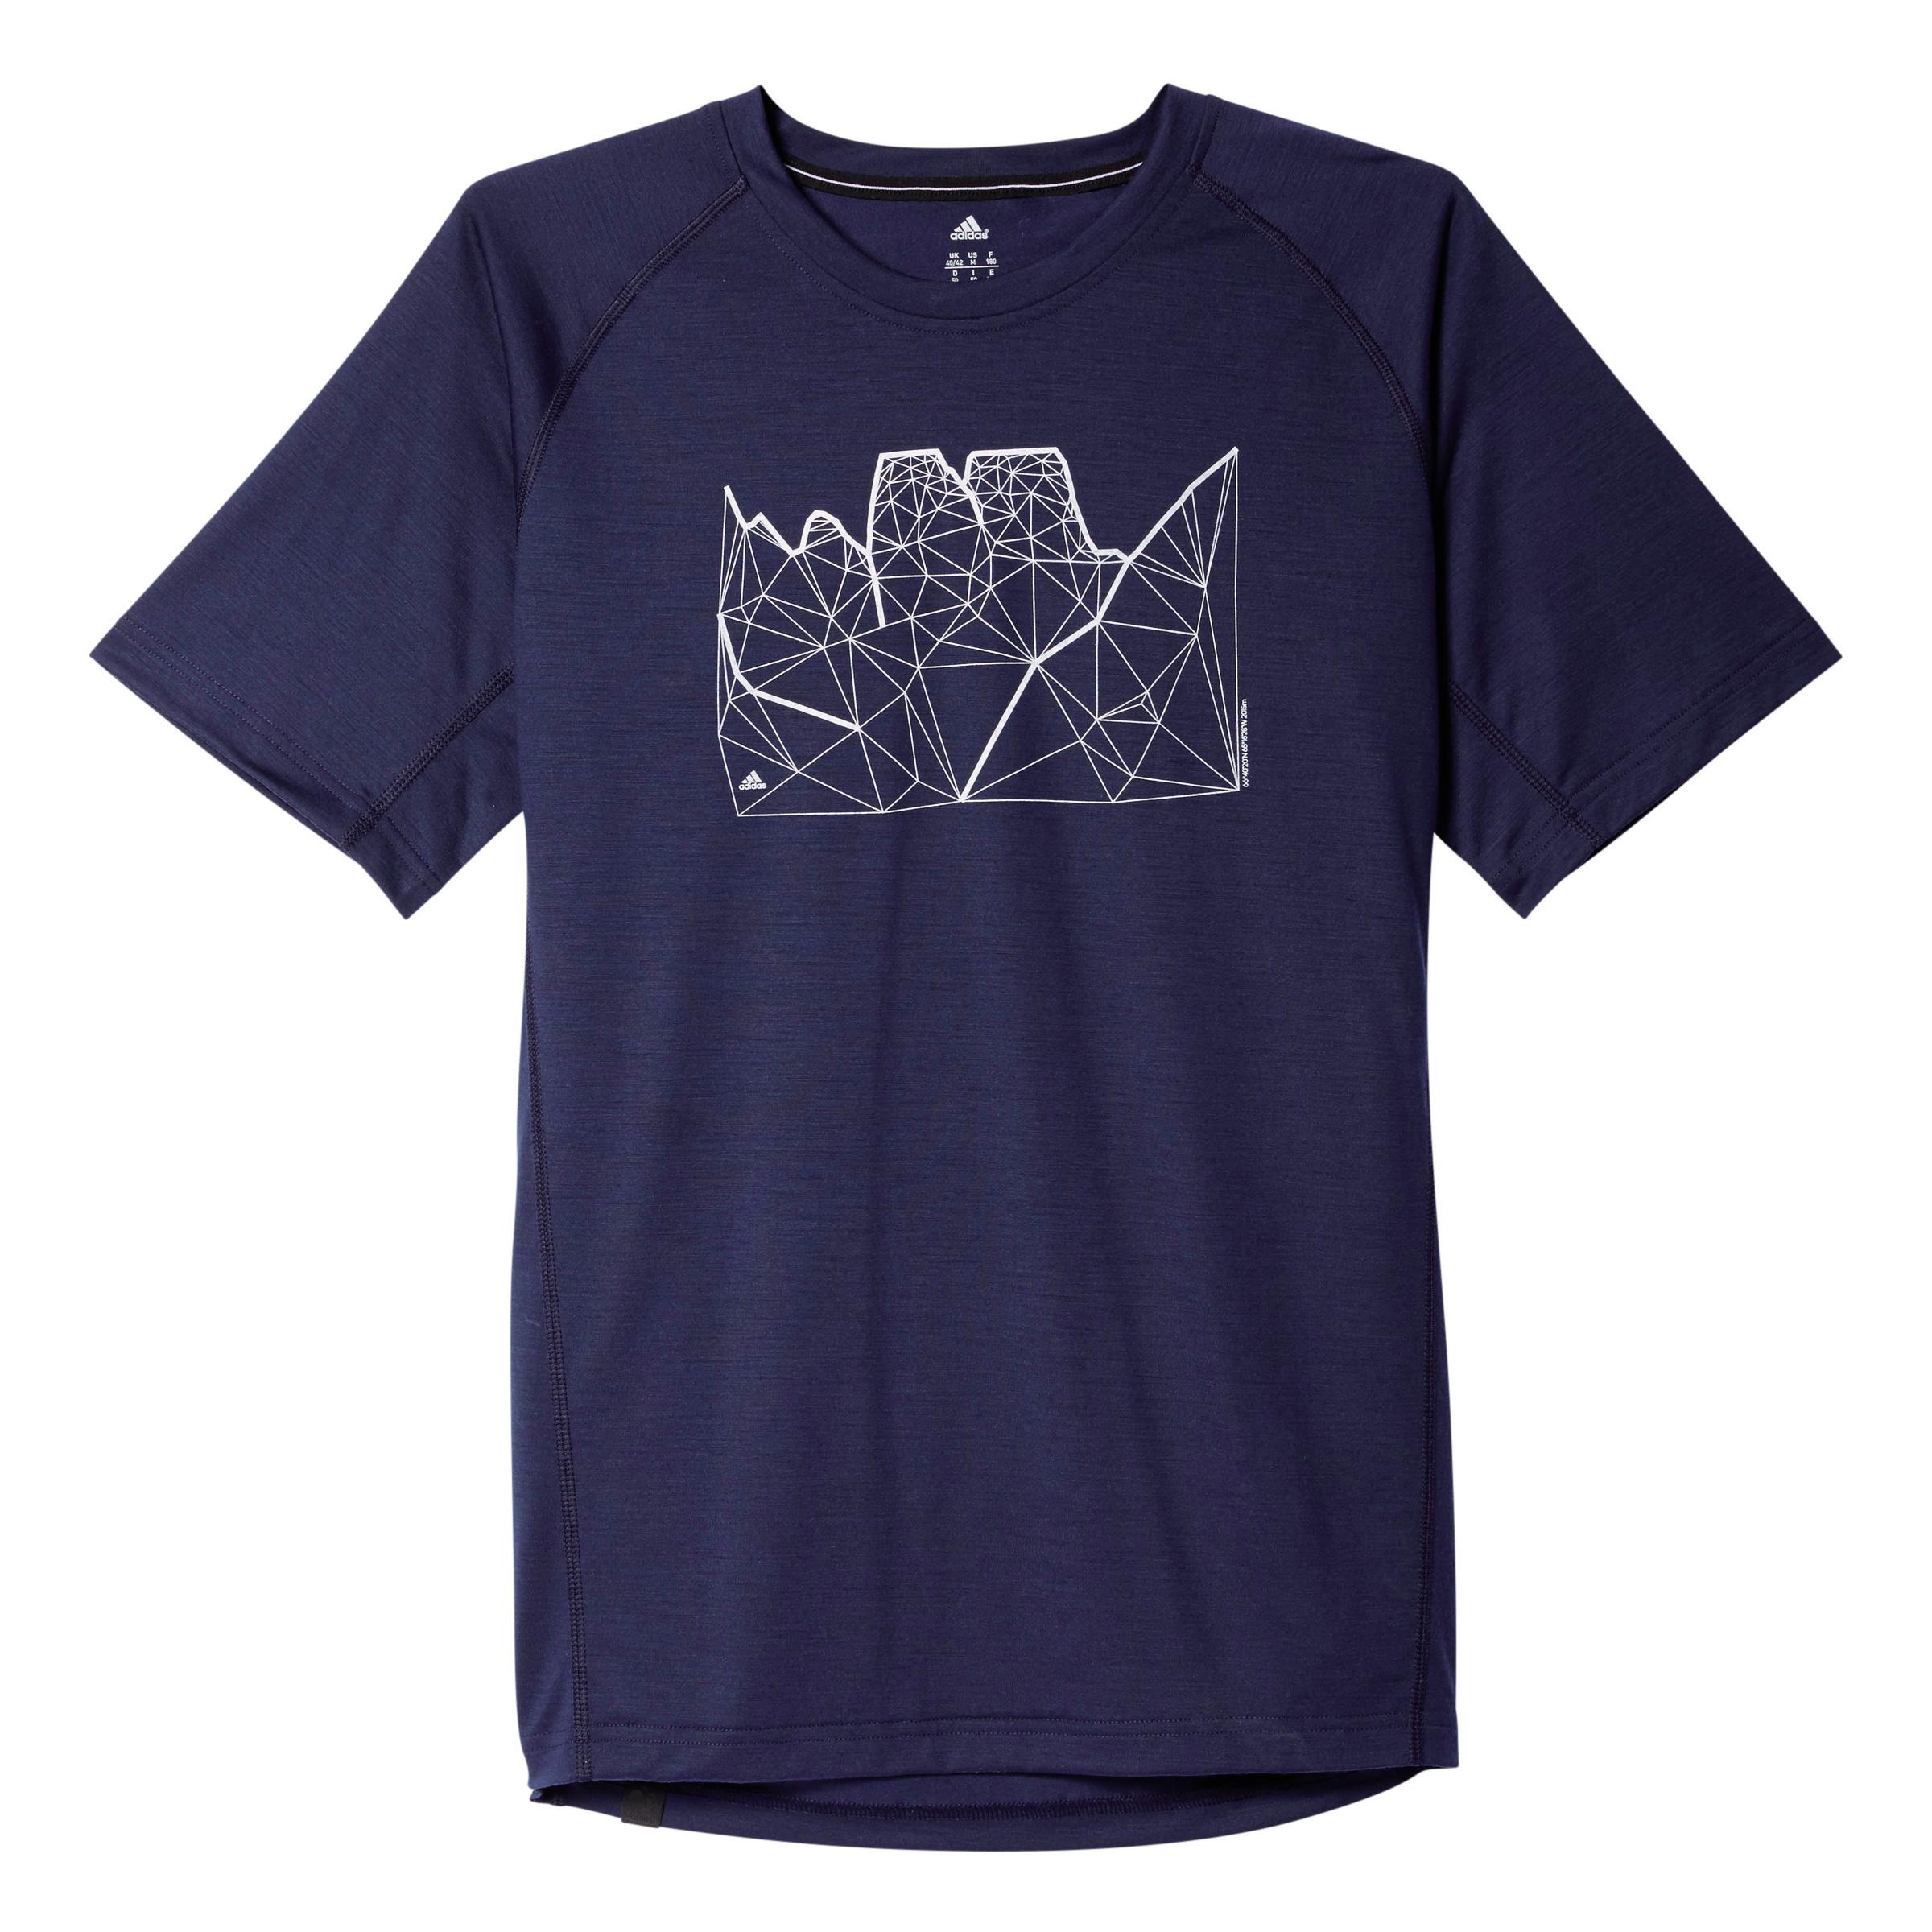 Herren T-Shirt Wool Tee, CONAVY, 52